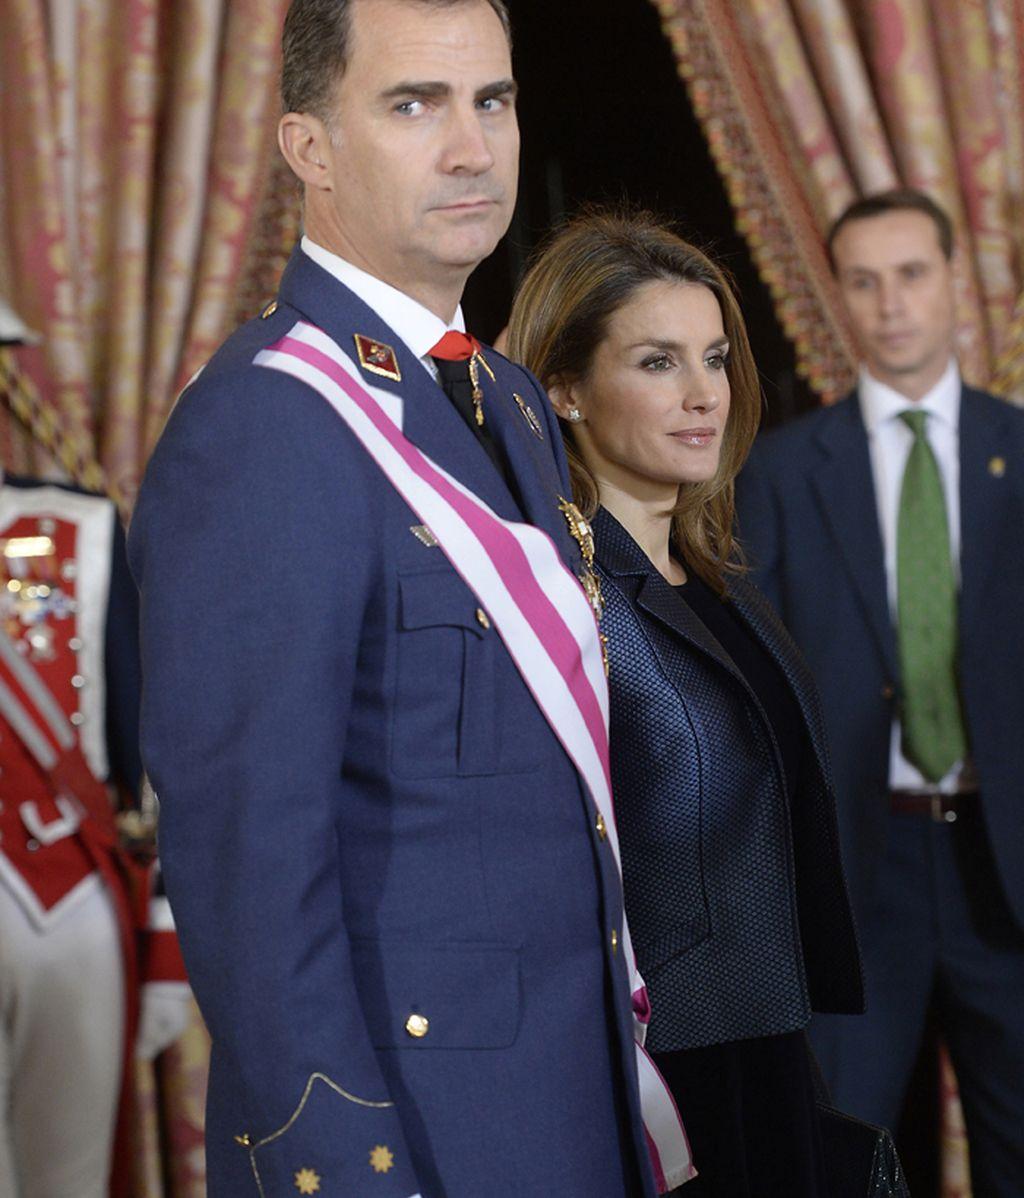 Felipe VI y doña Sofía han llamado a Lequio para darle el pésame por la muerte de su madre